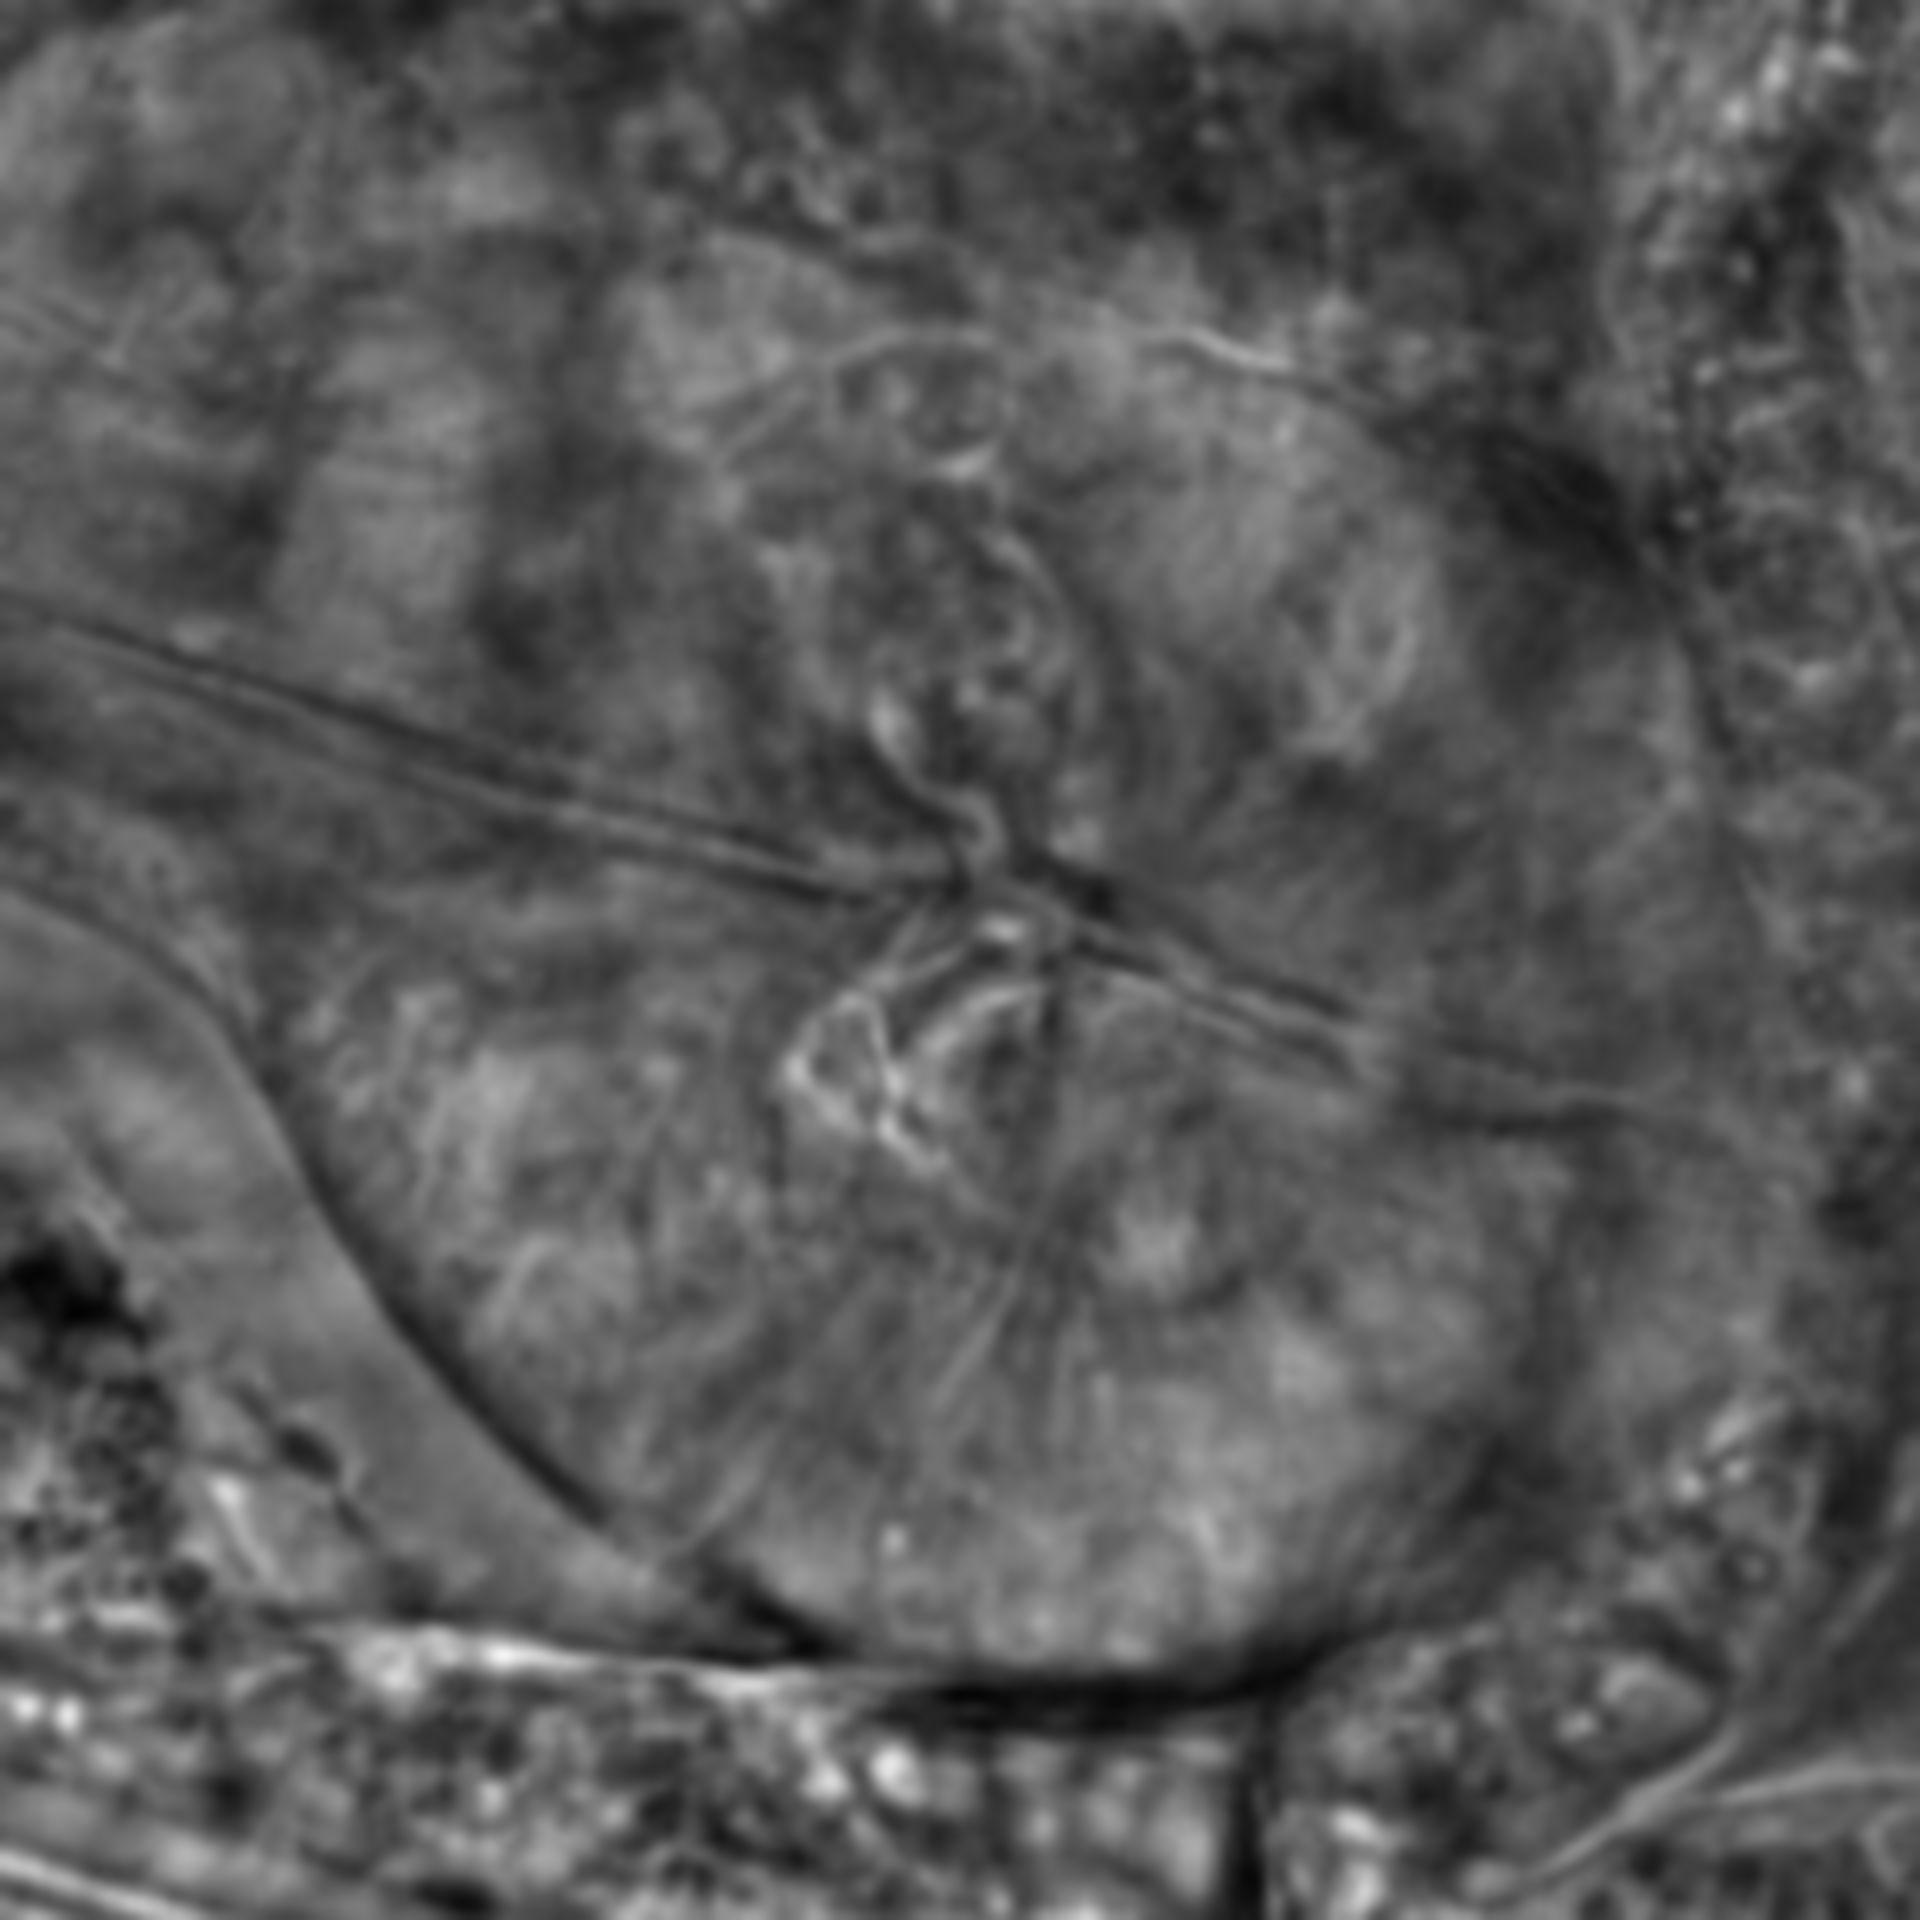 Caenorhabditis elegans - CIL:2161